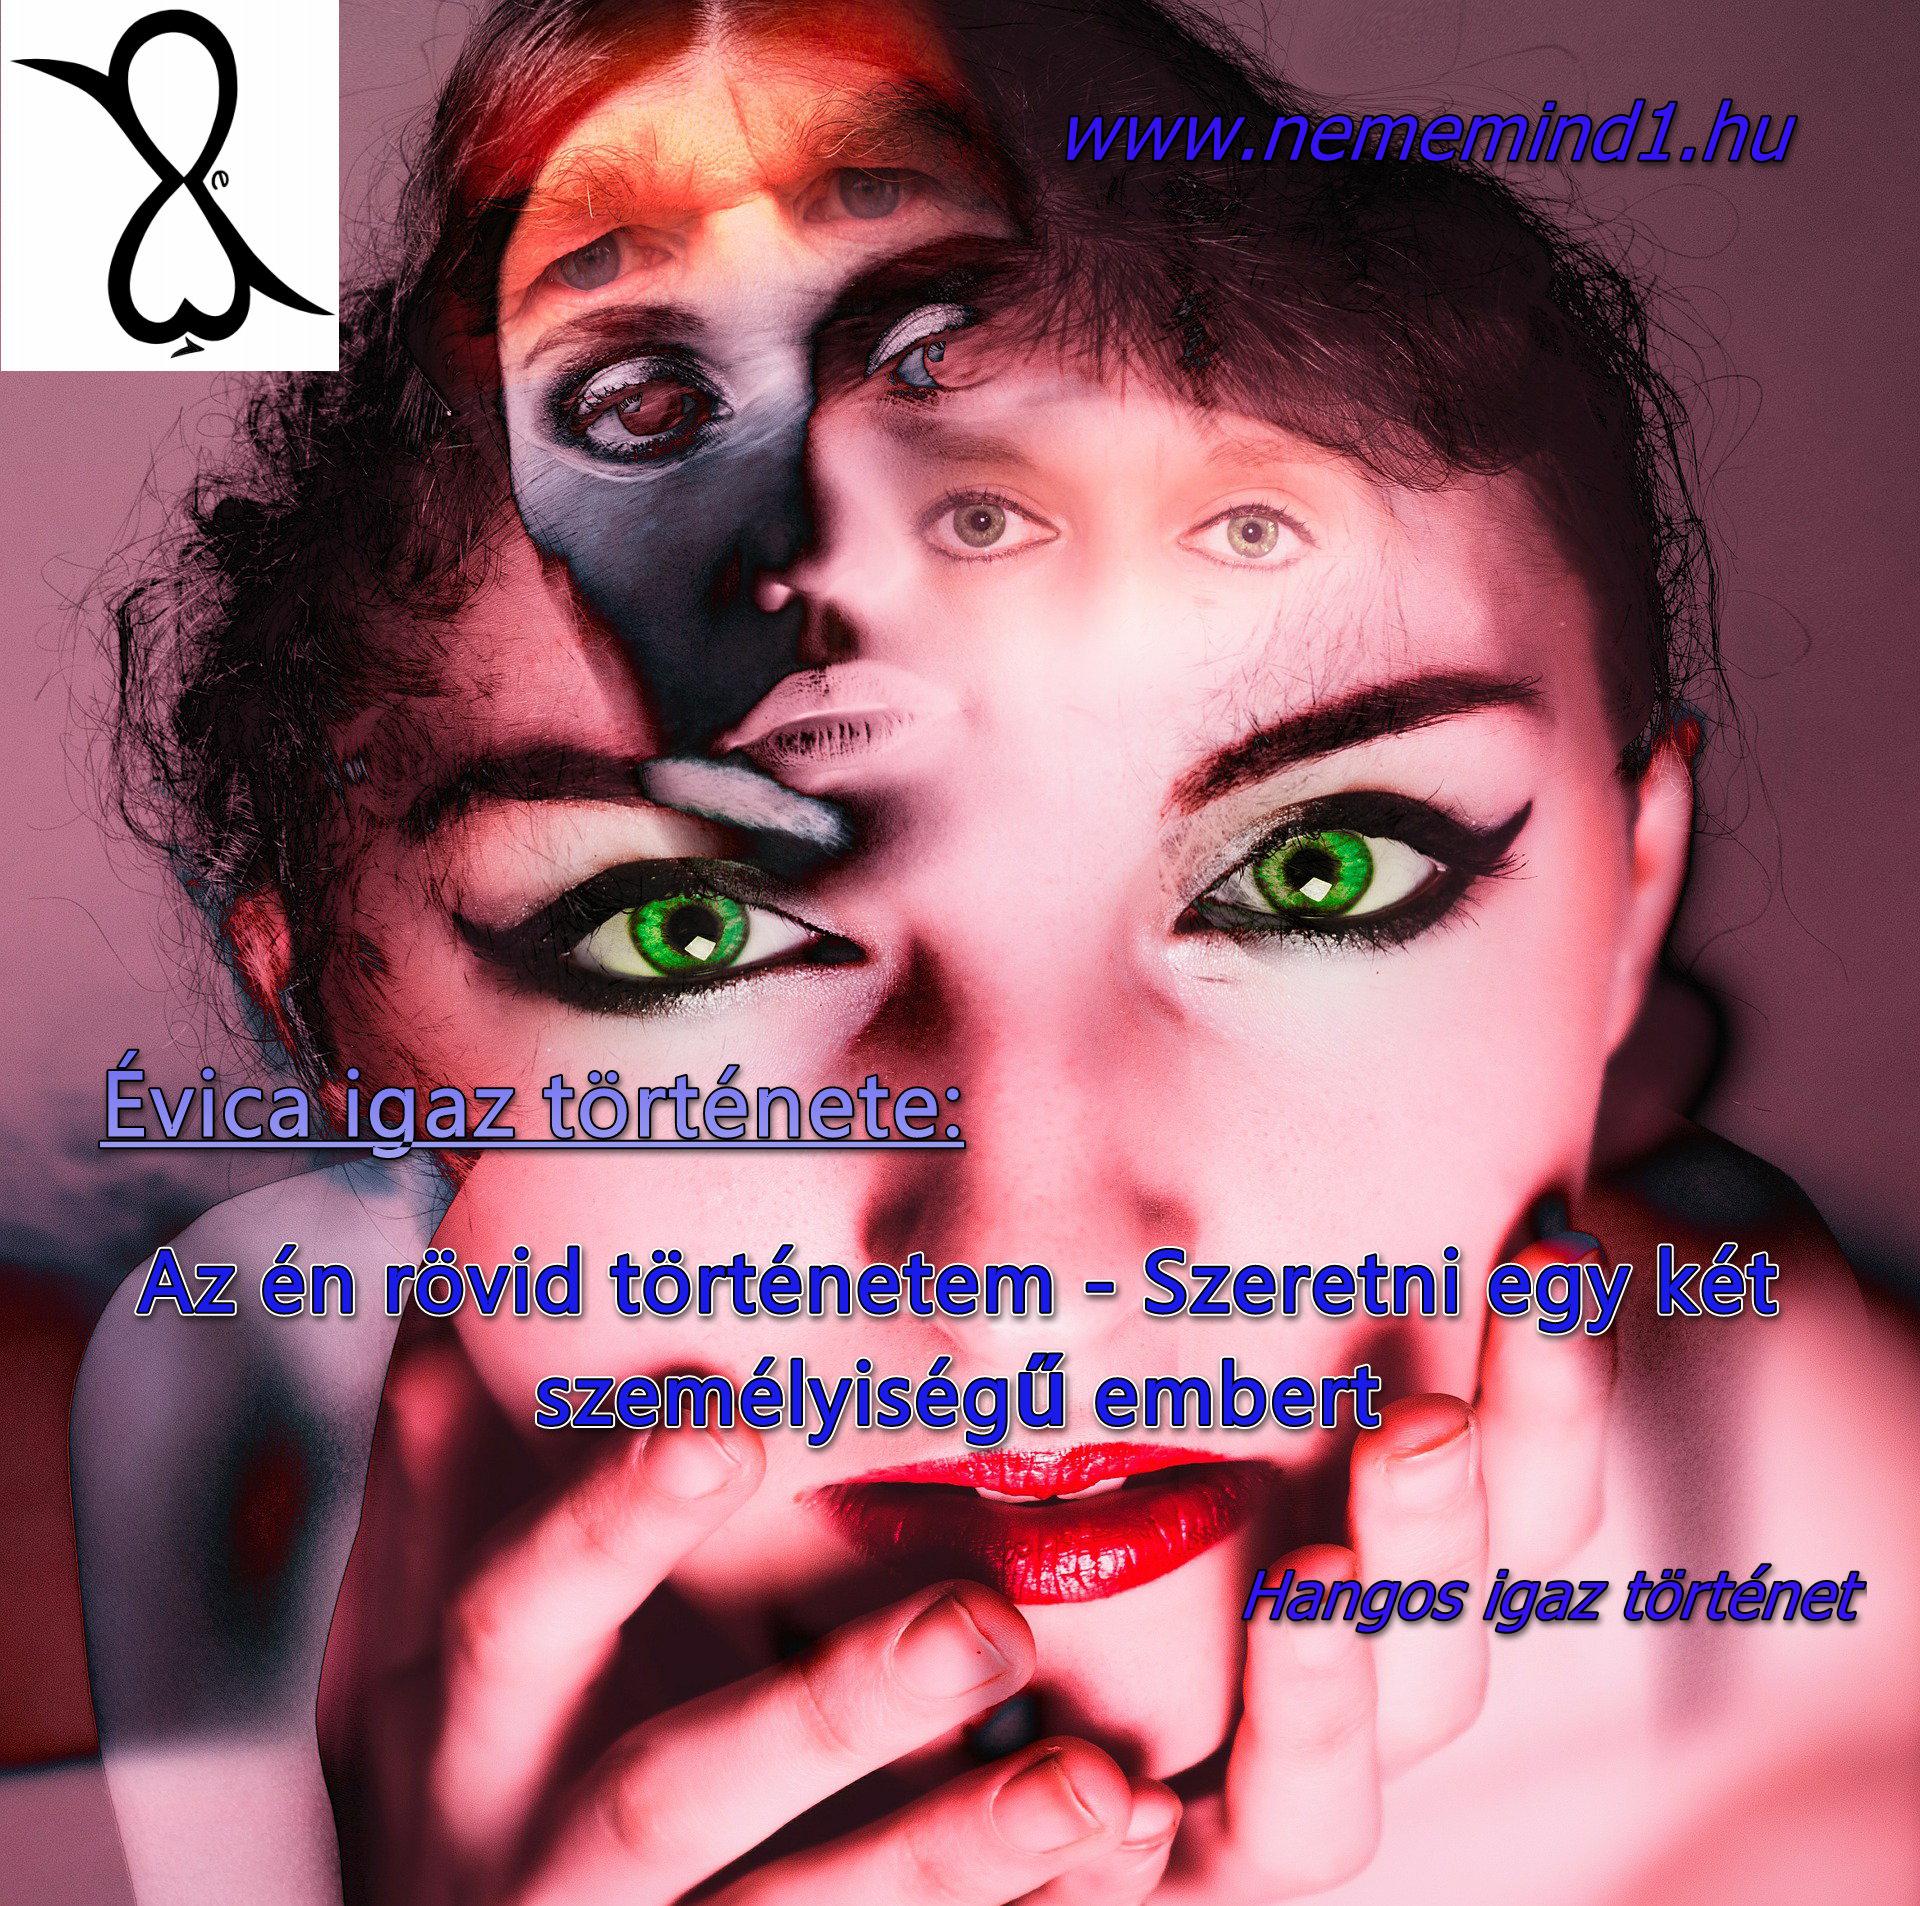 Evica: Szeretni egy két személyiségű embert (Hangos igaz történet)